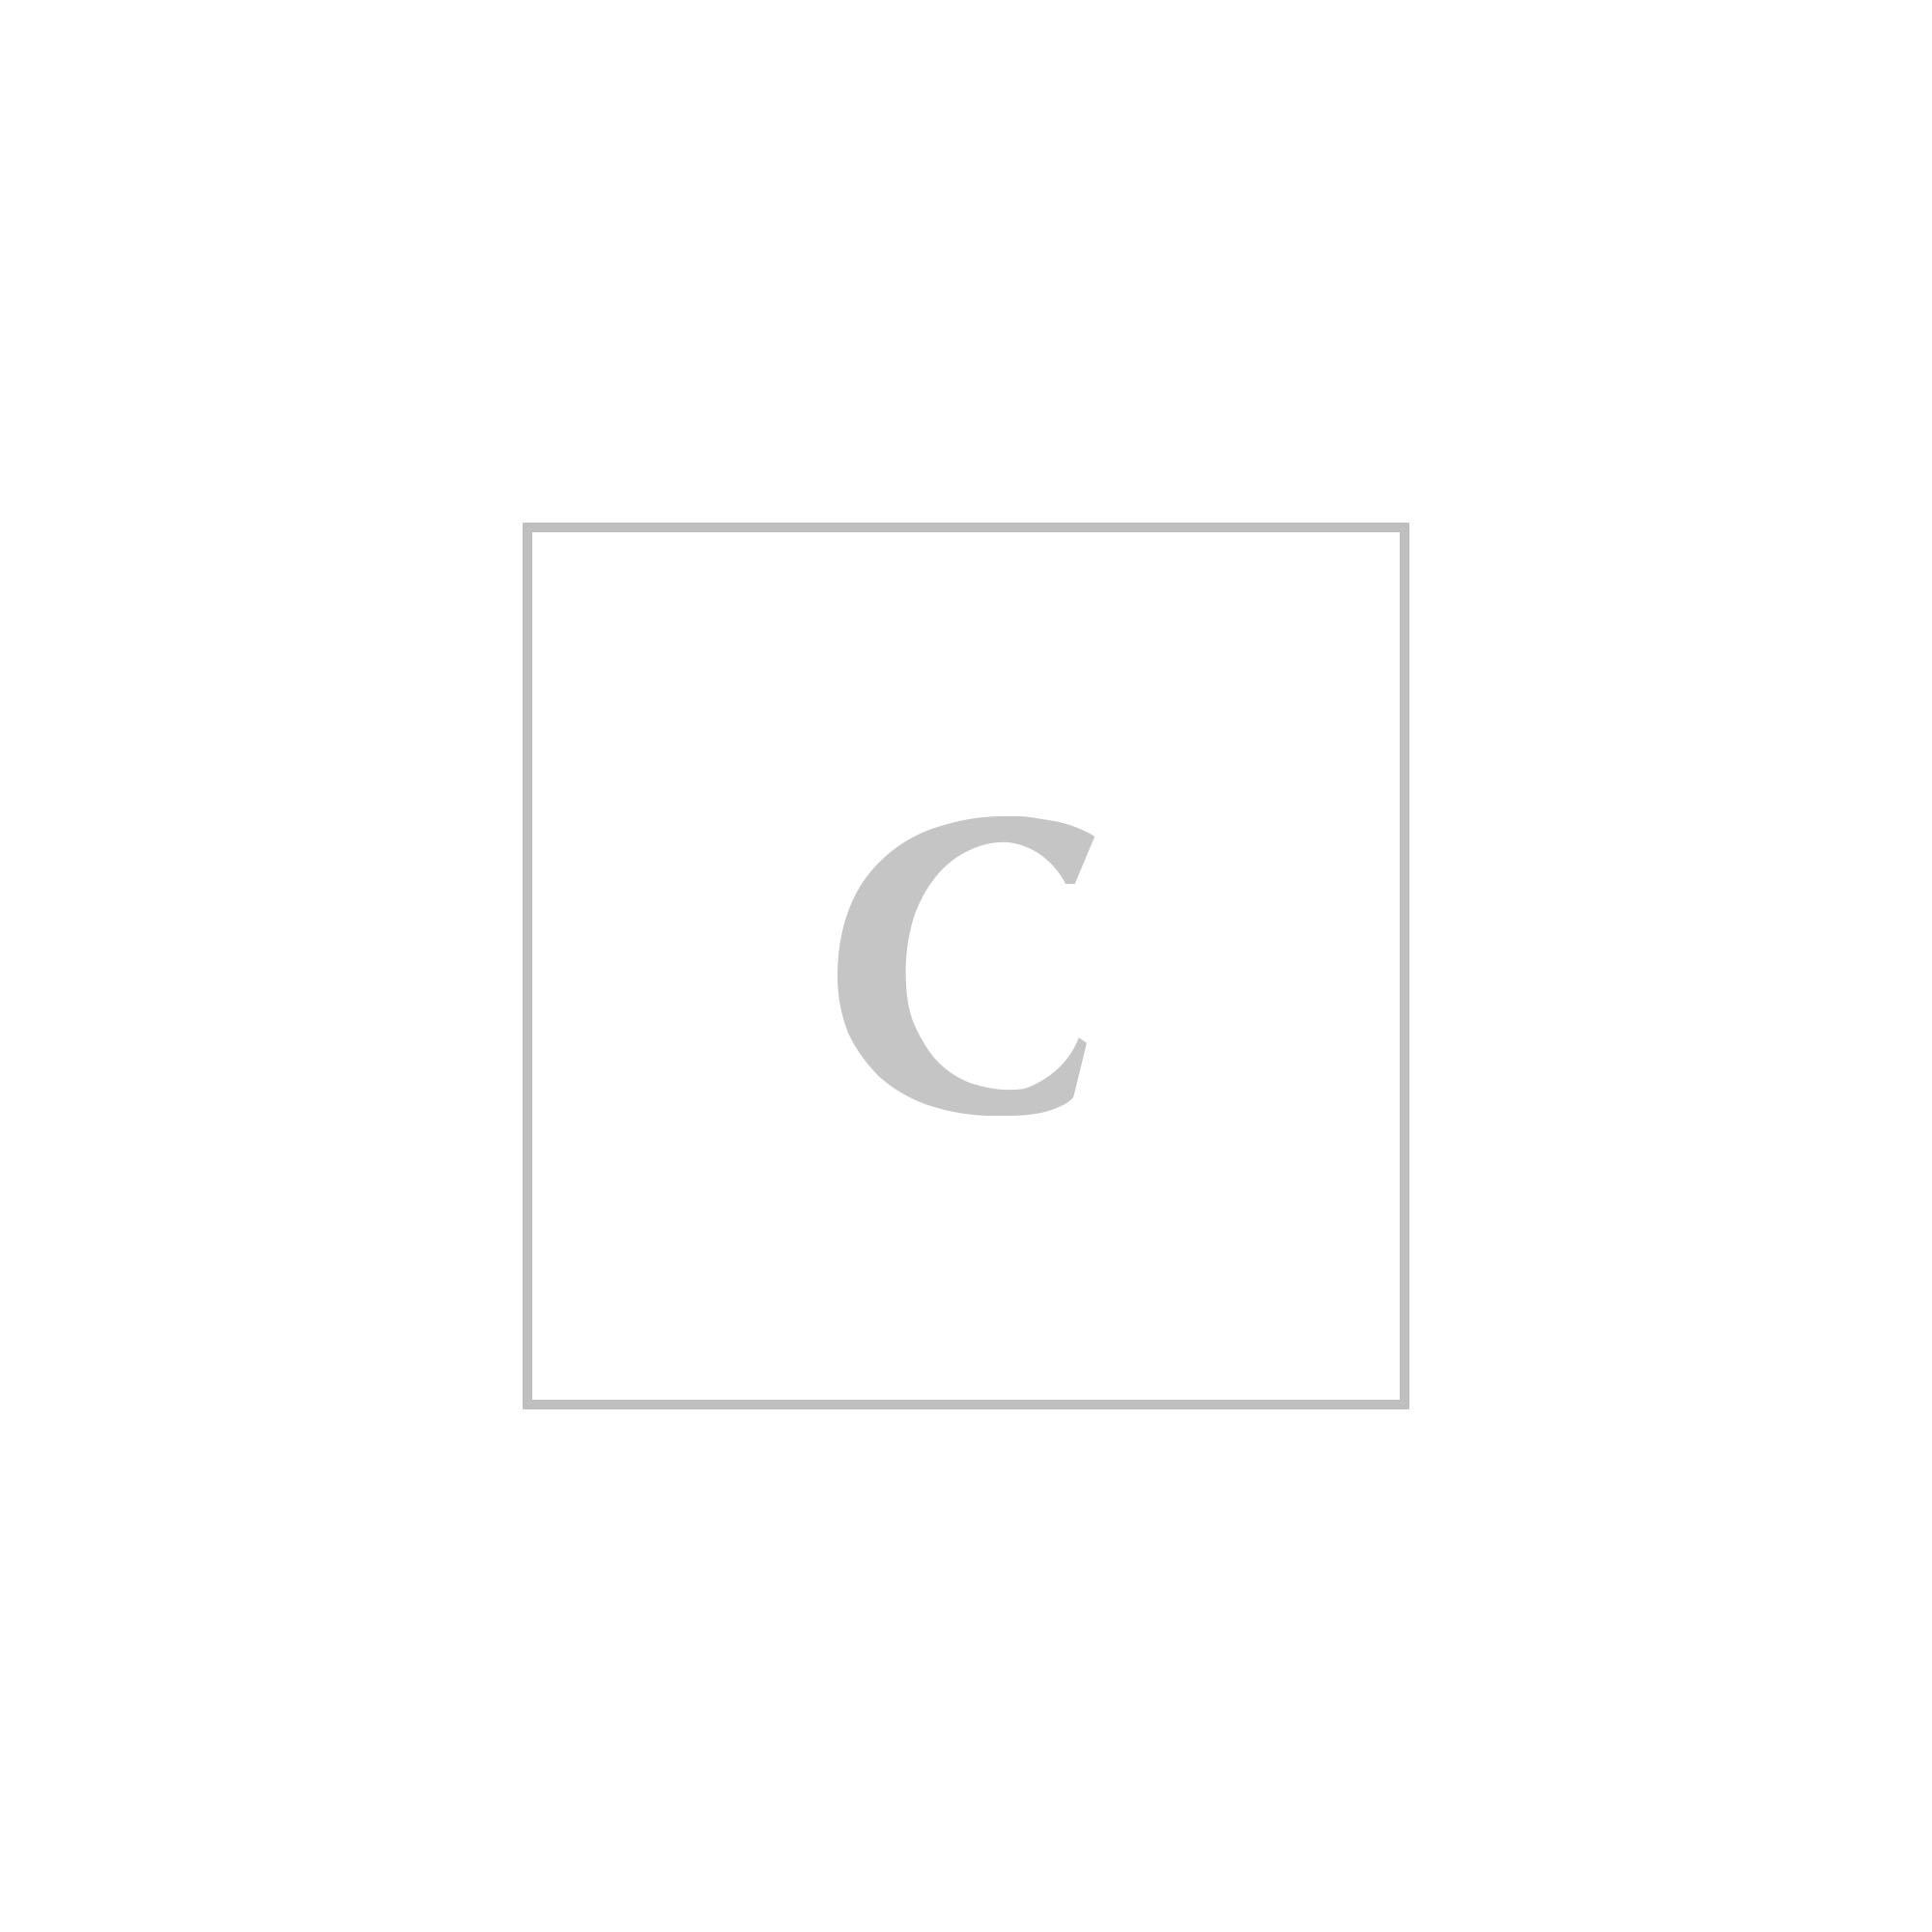 a086353e3715d borse salvatore-ferragamo nero 182400abs000017-001bp-7.jpg